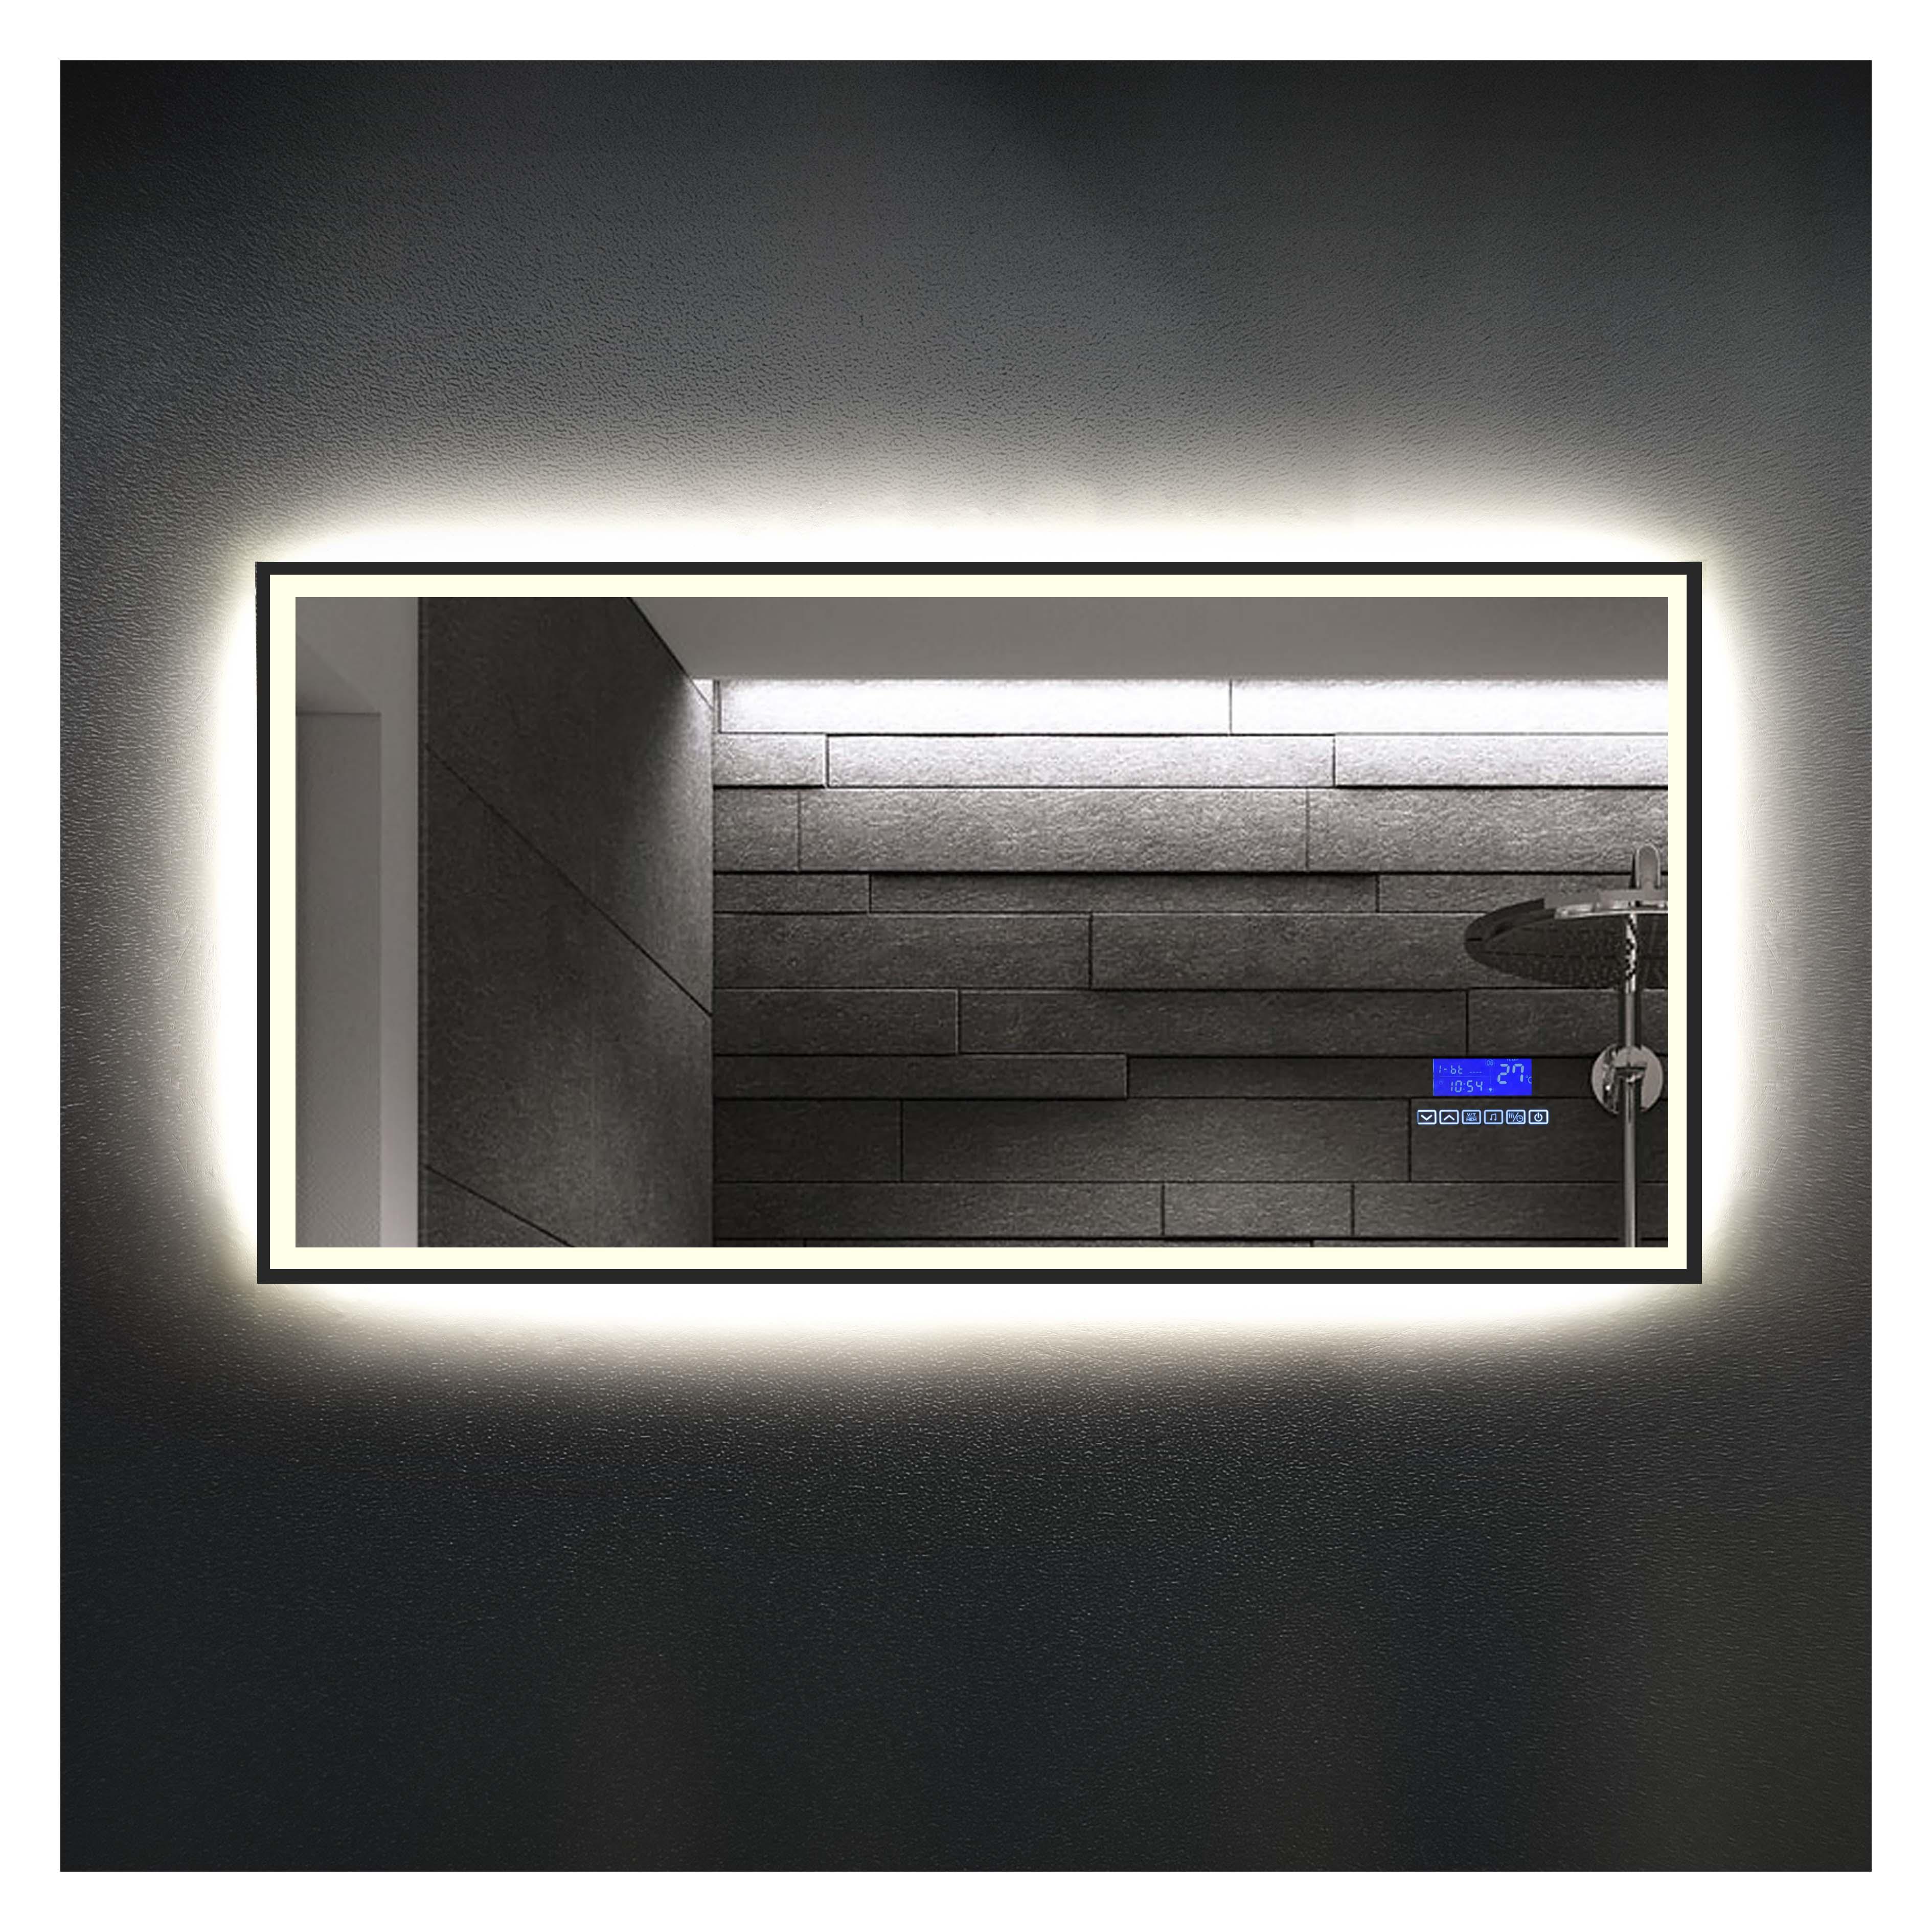 厂家吉品小黑边条1200*600全功能液晶显示屏智能镜